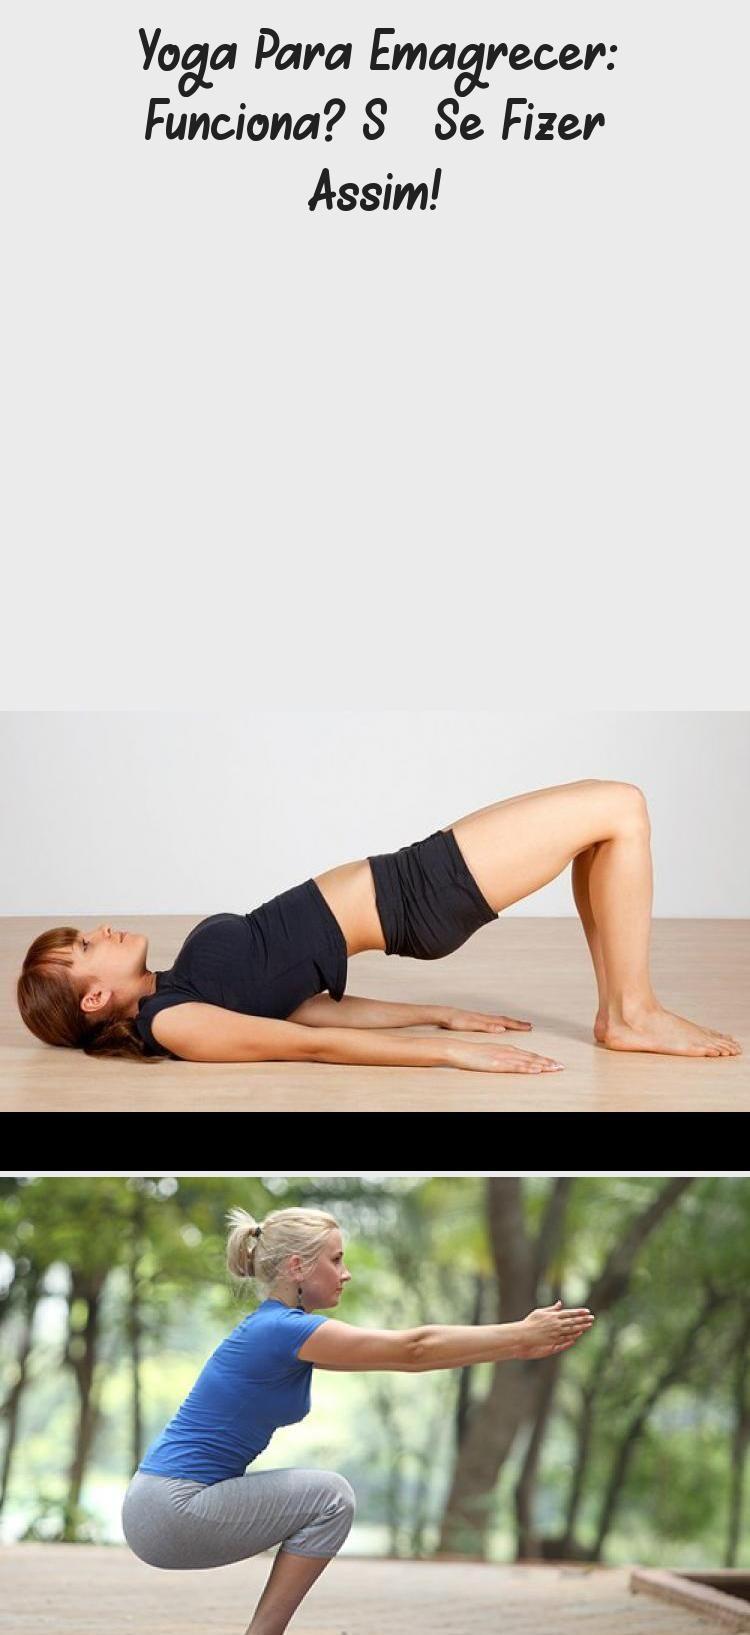 Yoga é sim uma das armas mais poderosas pra perder peso e definir o corpo inteiro! Descubra quais sã...